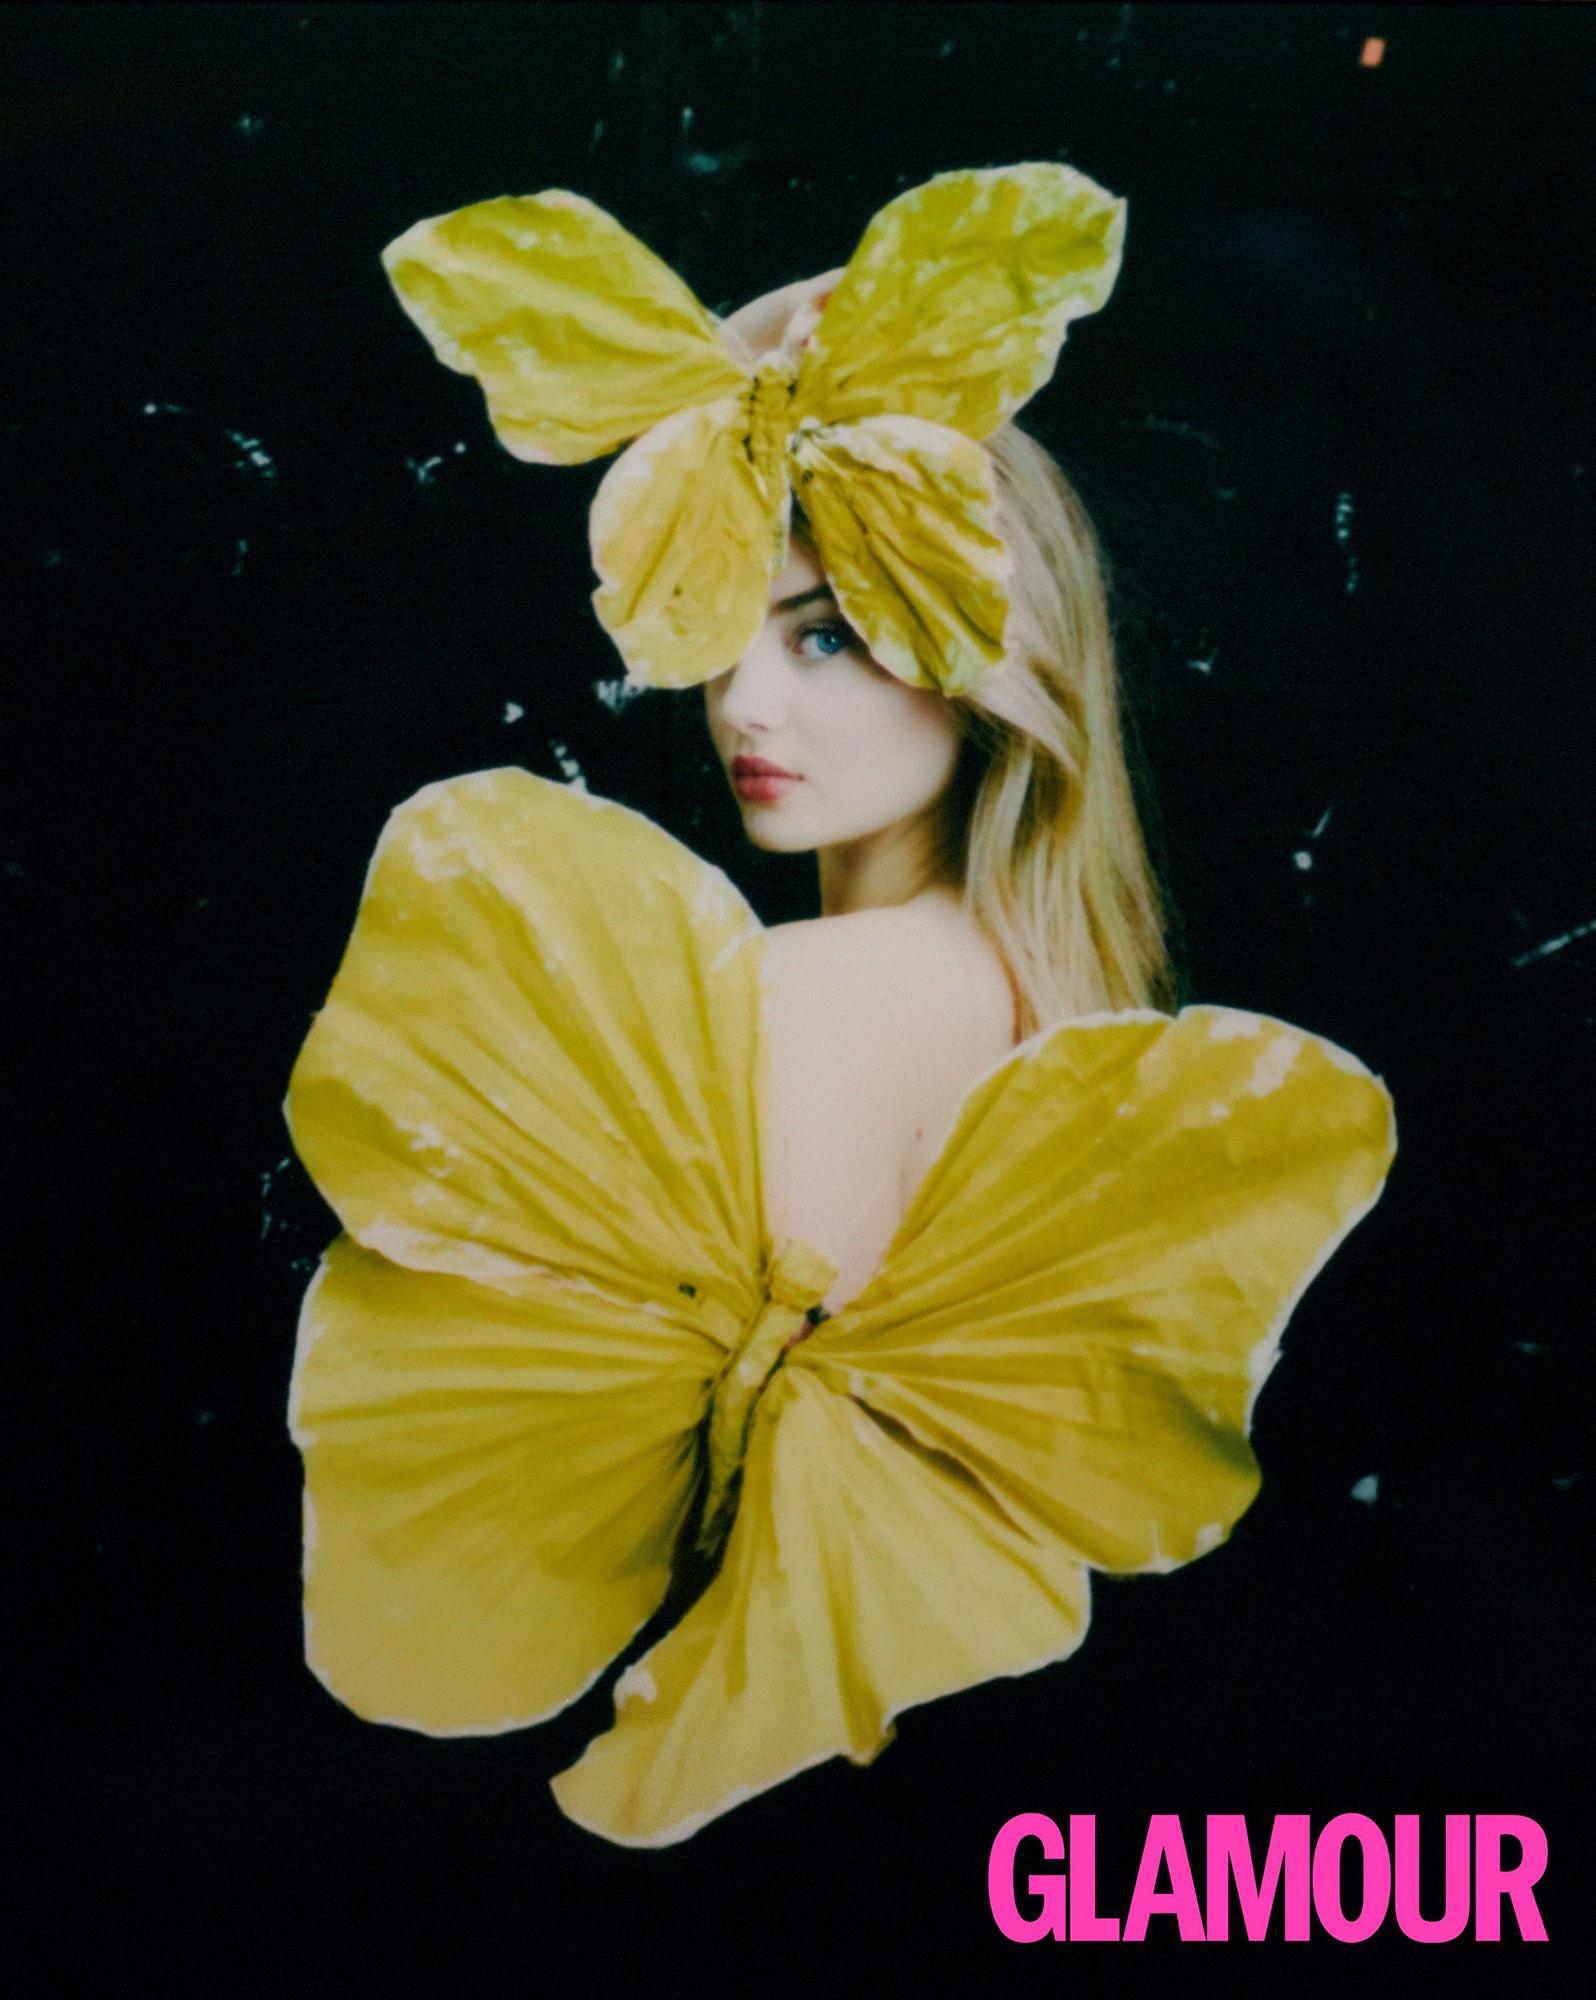 Мини-я: ДочьХайдиКлумвпервые снялась сольно для обложки журнала-Фото 2